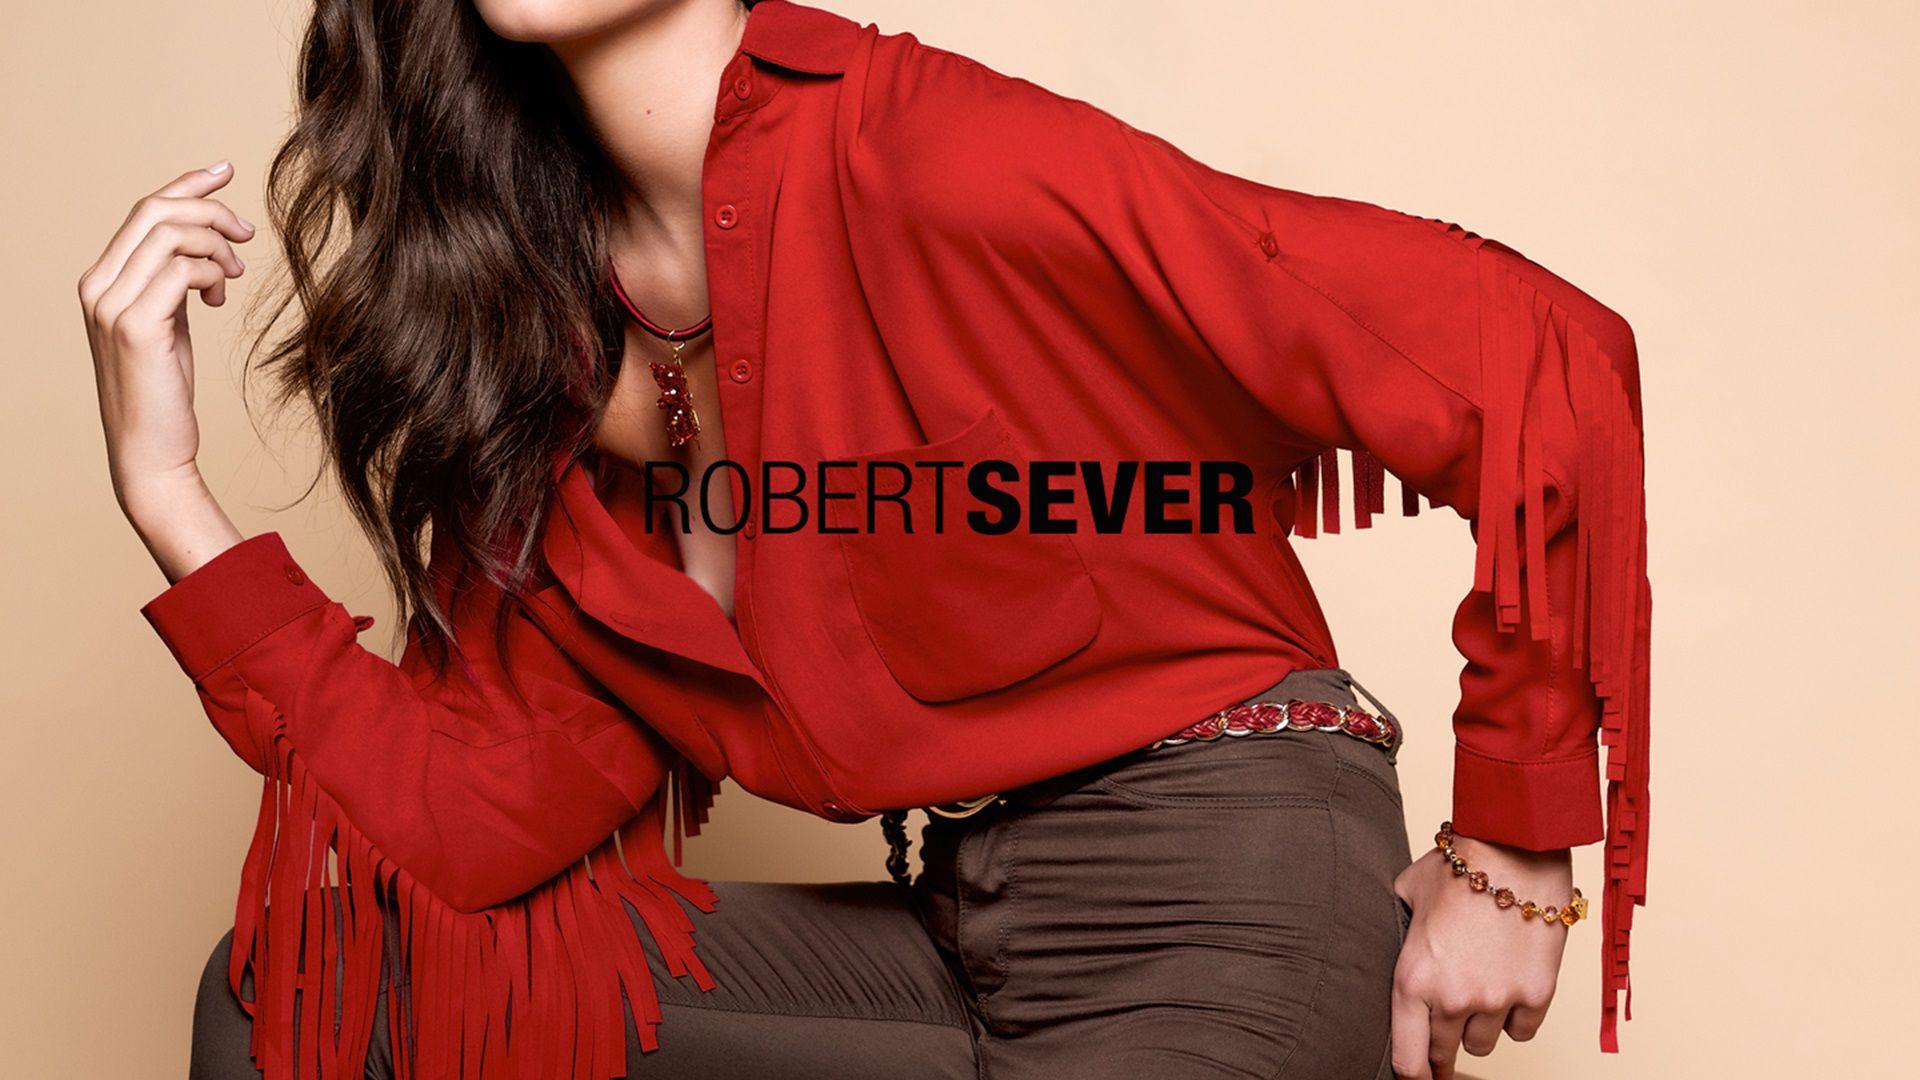 Robert Sever